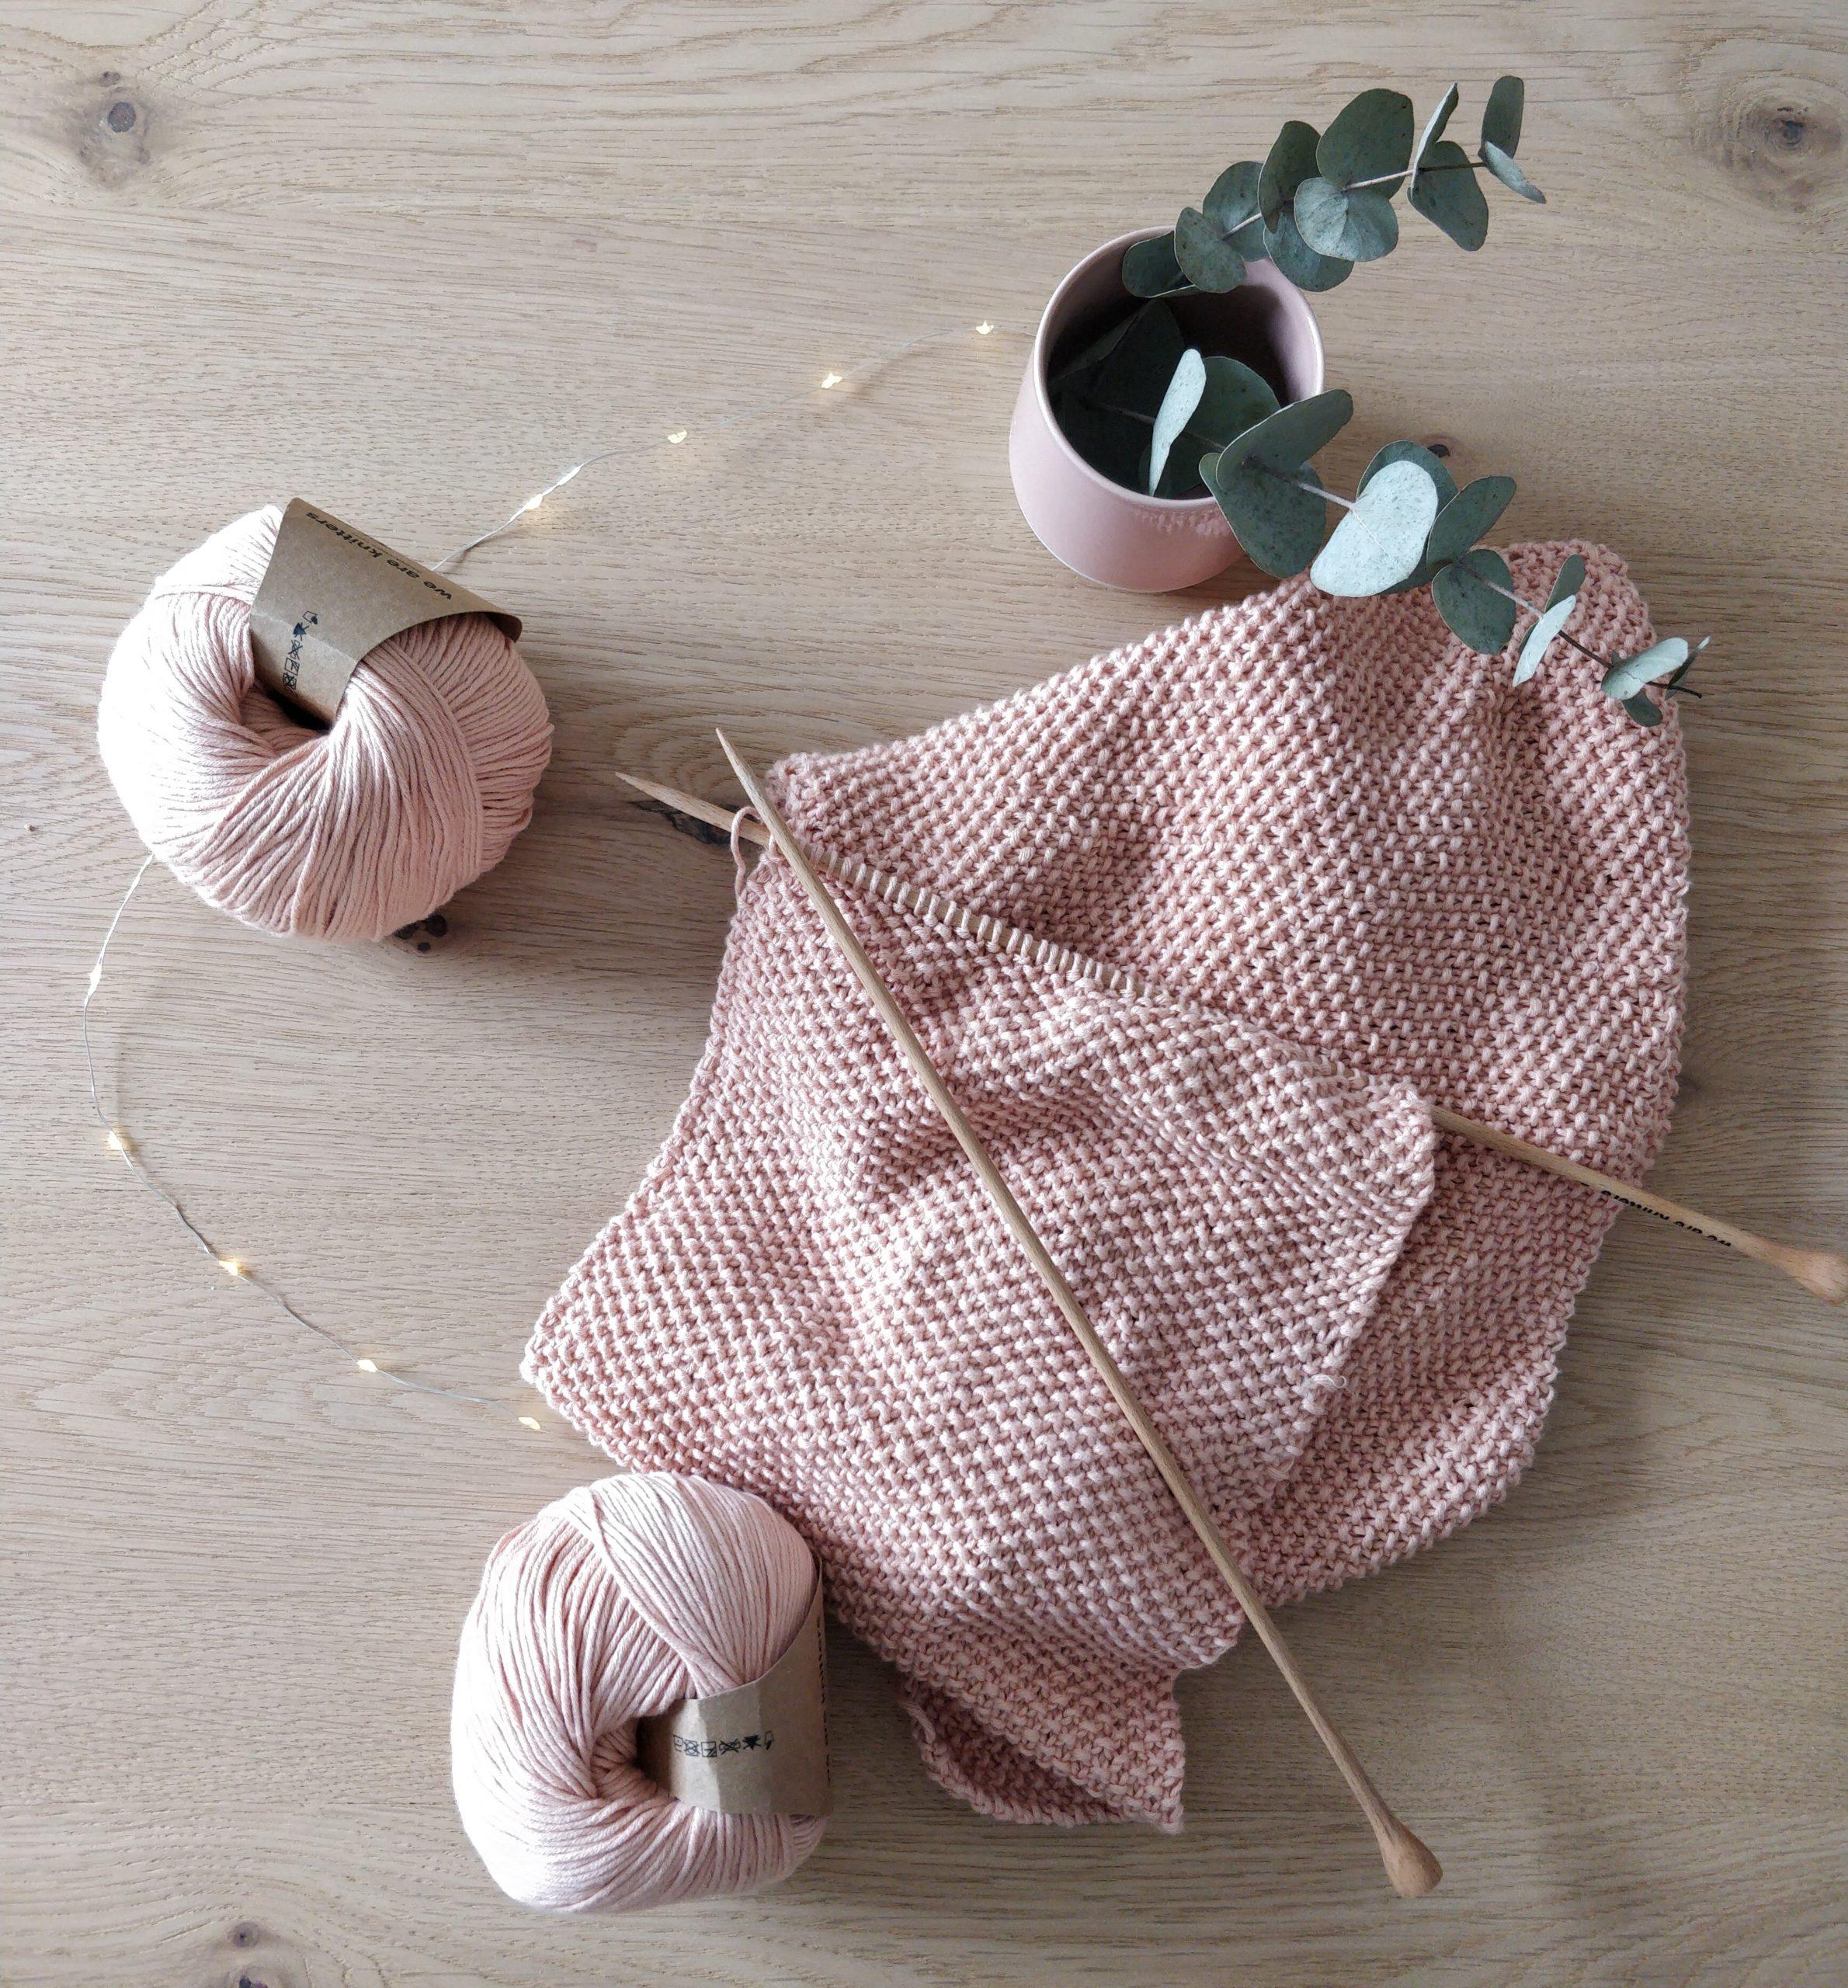 projet tricot pendant confinement